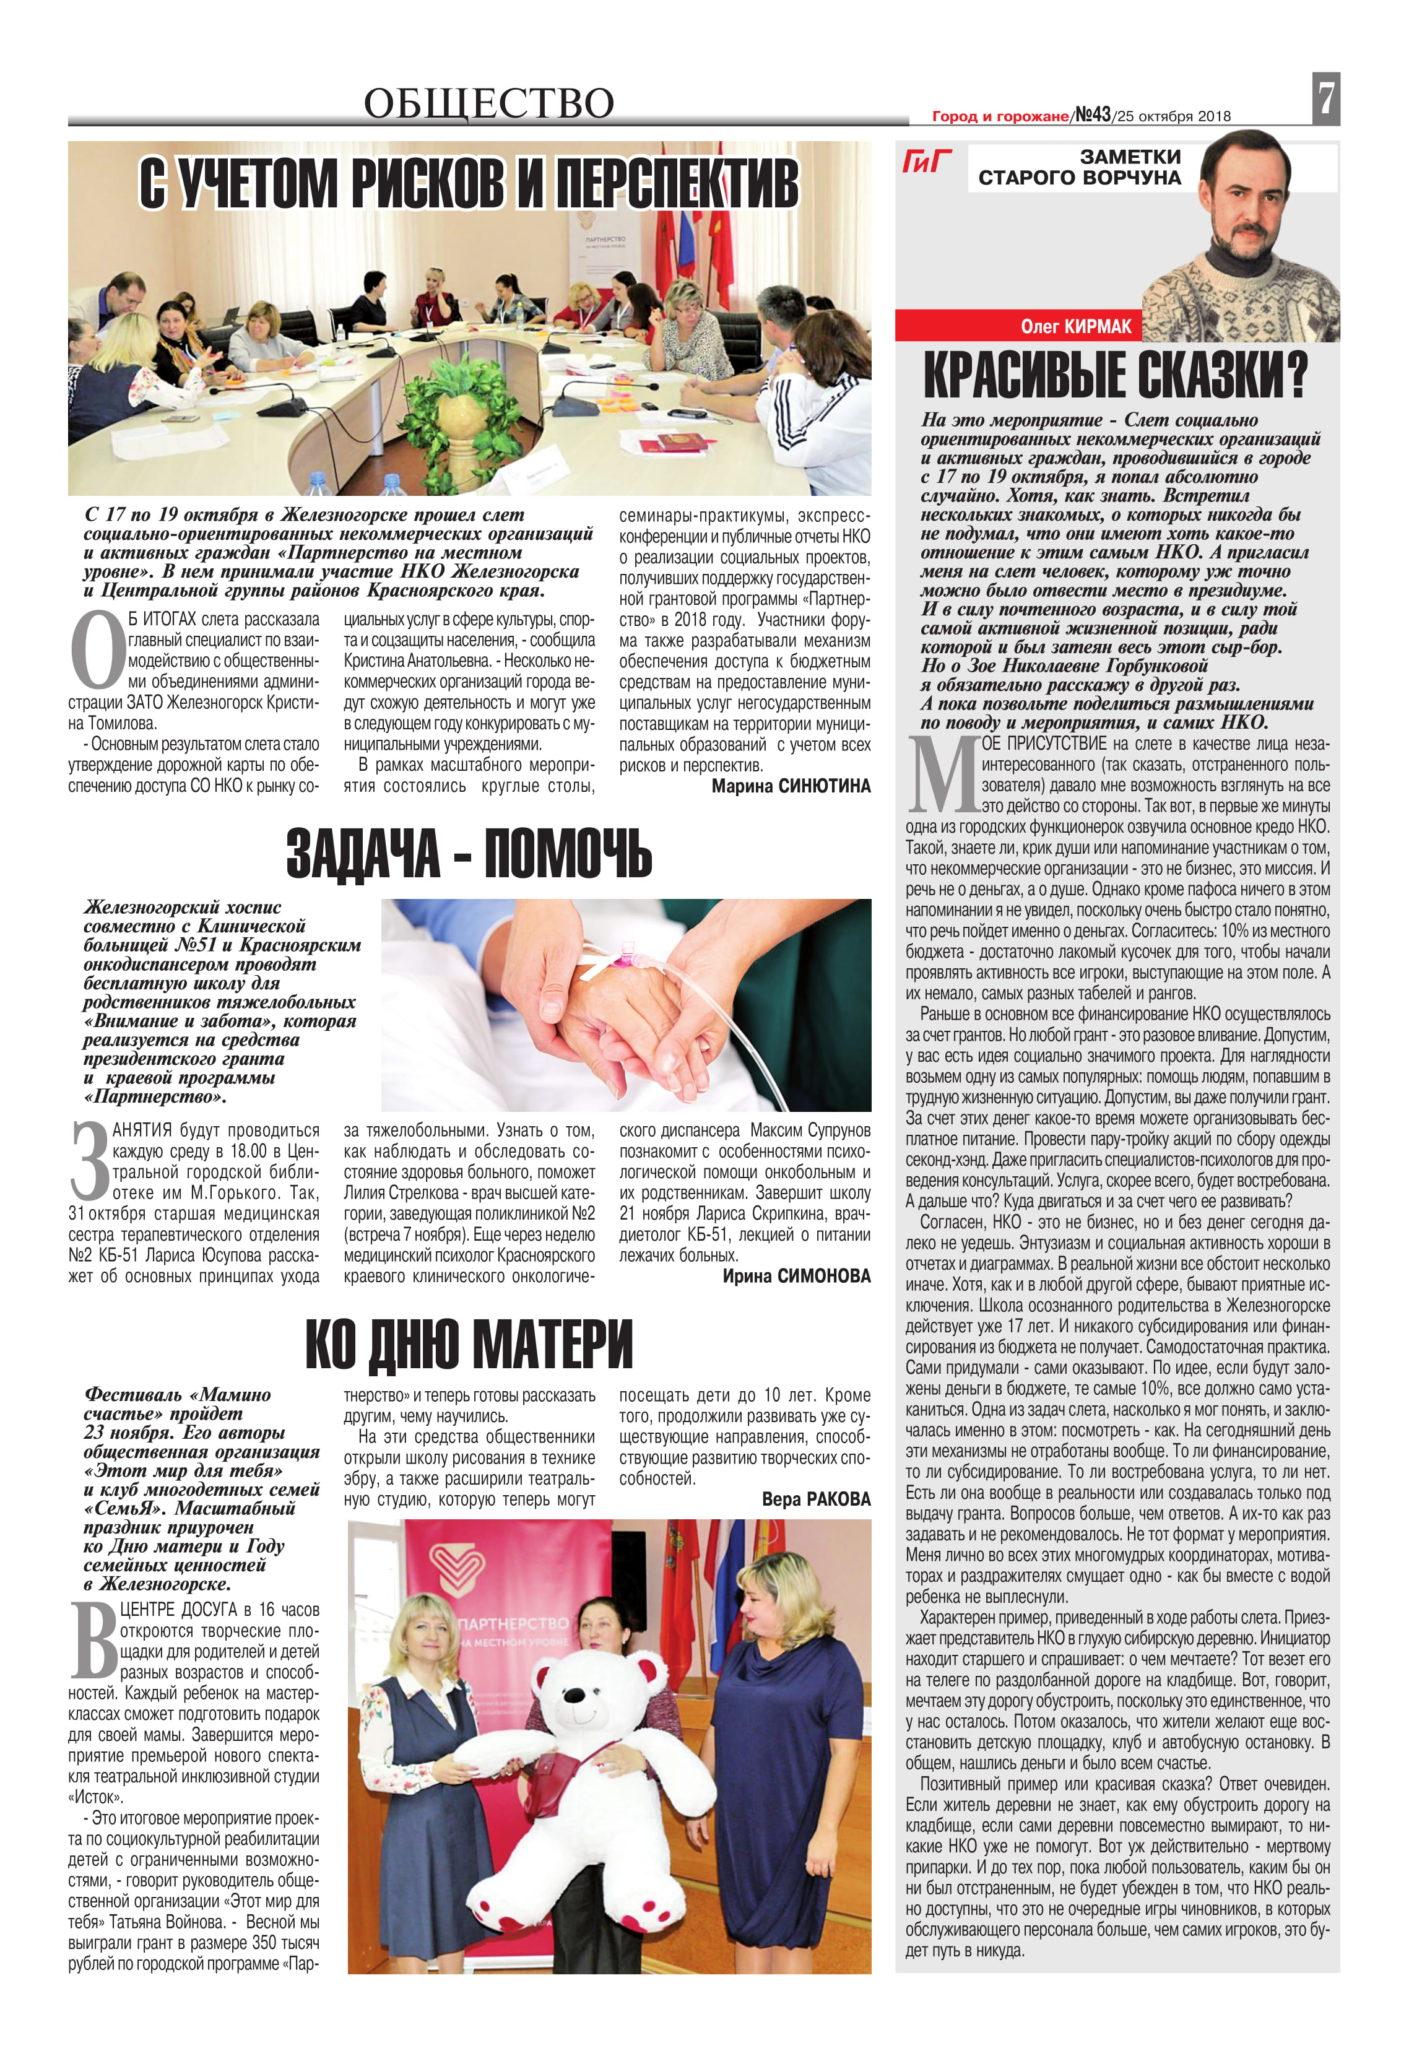 Задача помочь (Заметка в газете «Город и горожане» 25.10.18г.)